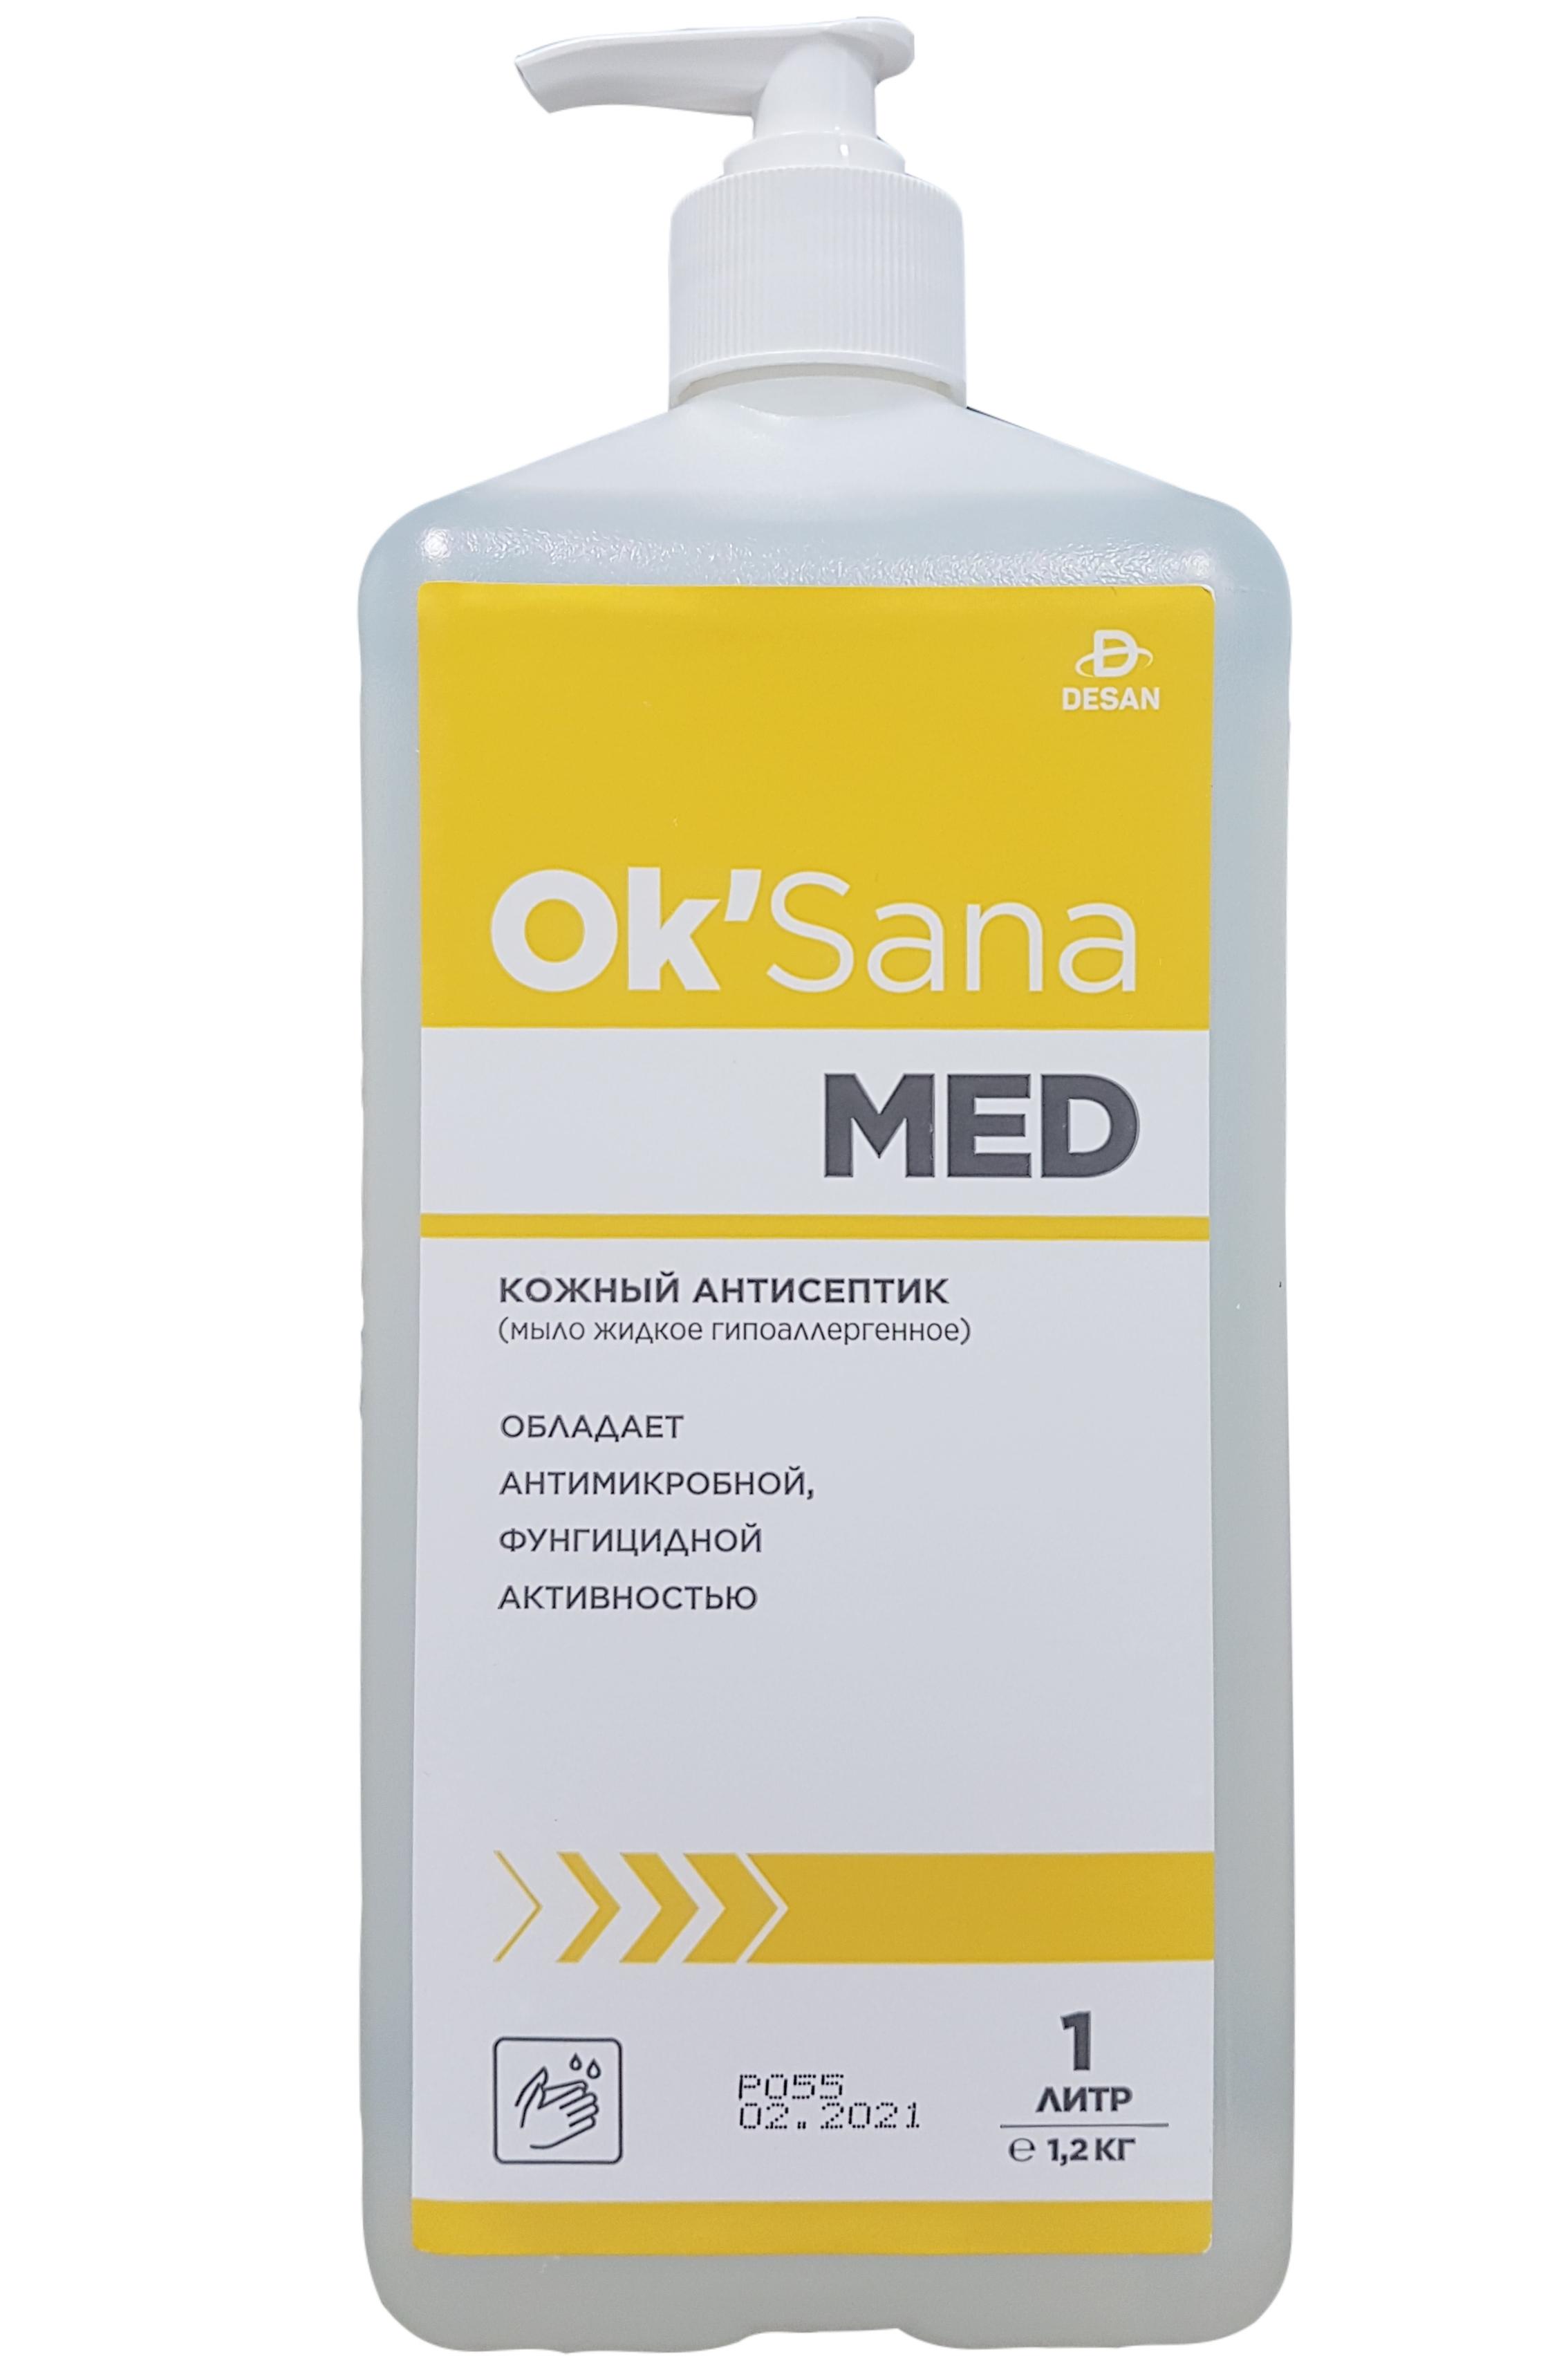 Купить Дезинфицирующее жидкое мыло OK'Sana Med (ОК'Сана Мед) 1 литр с дозатором, ДЕСАН